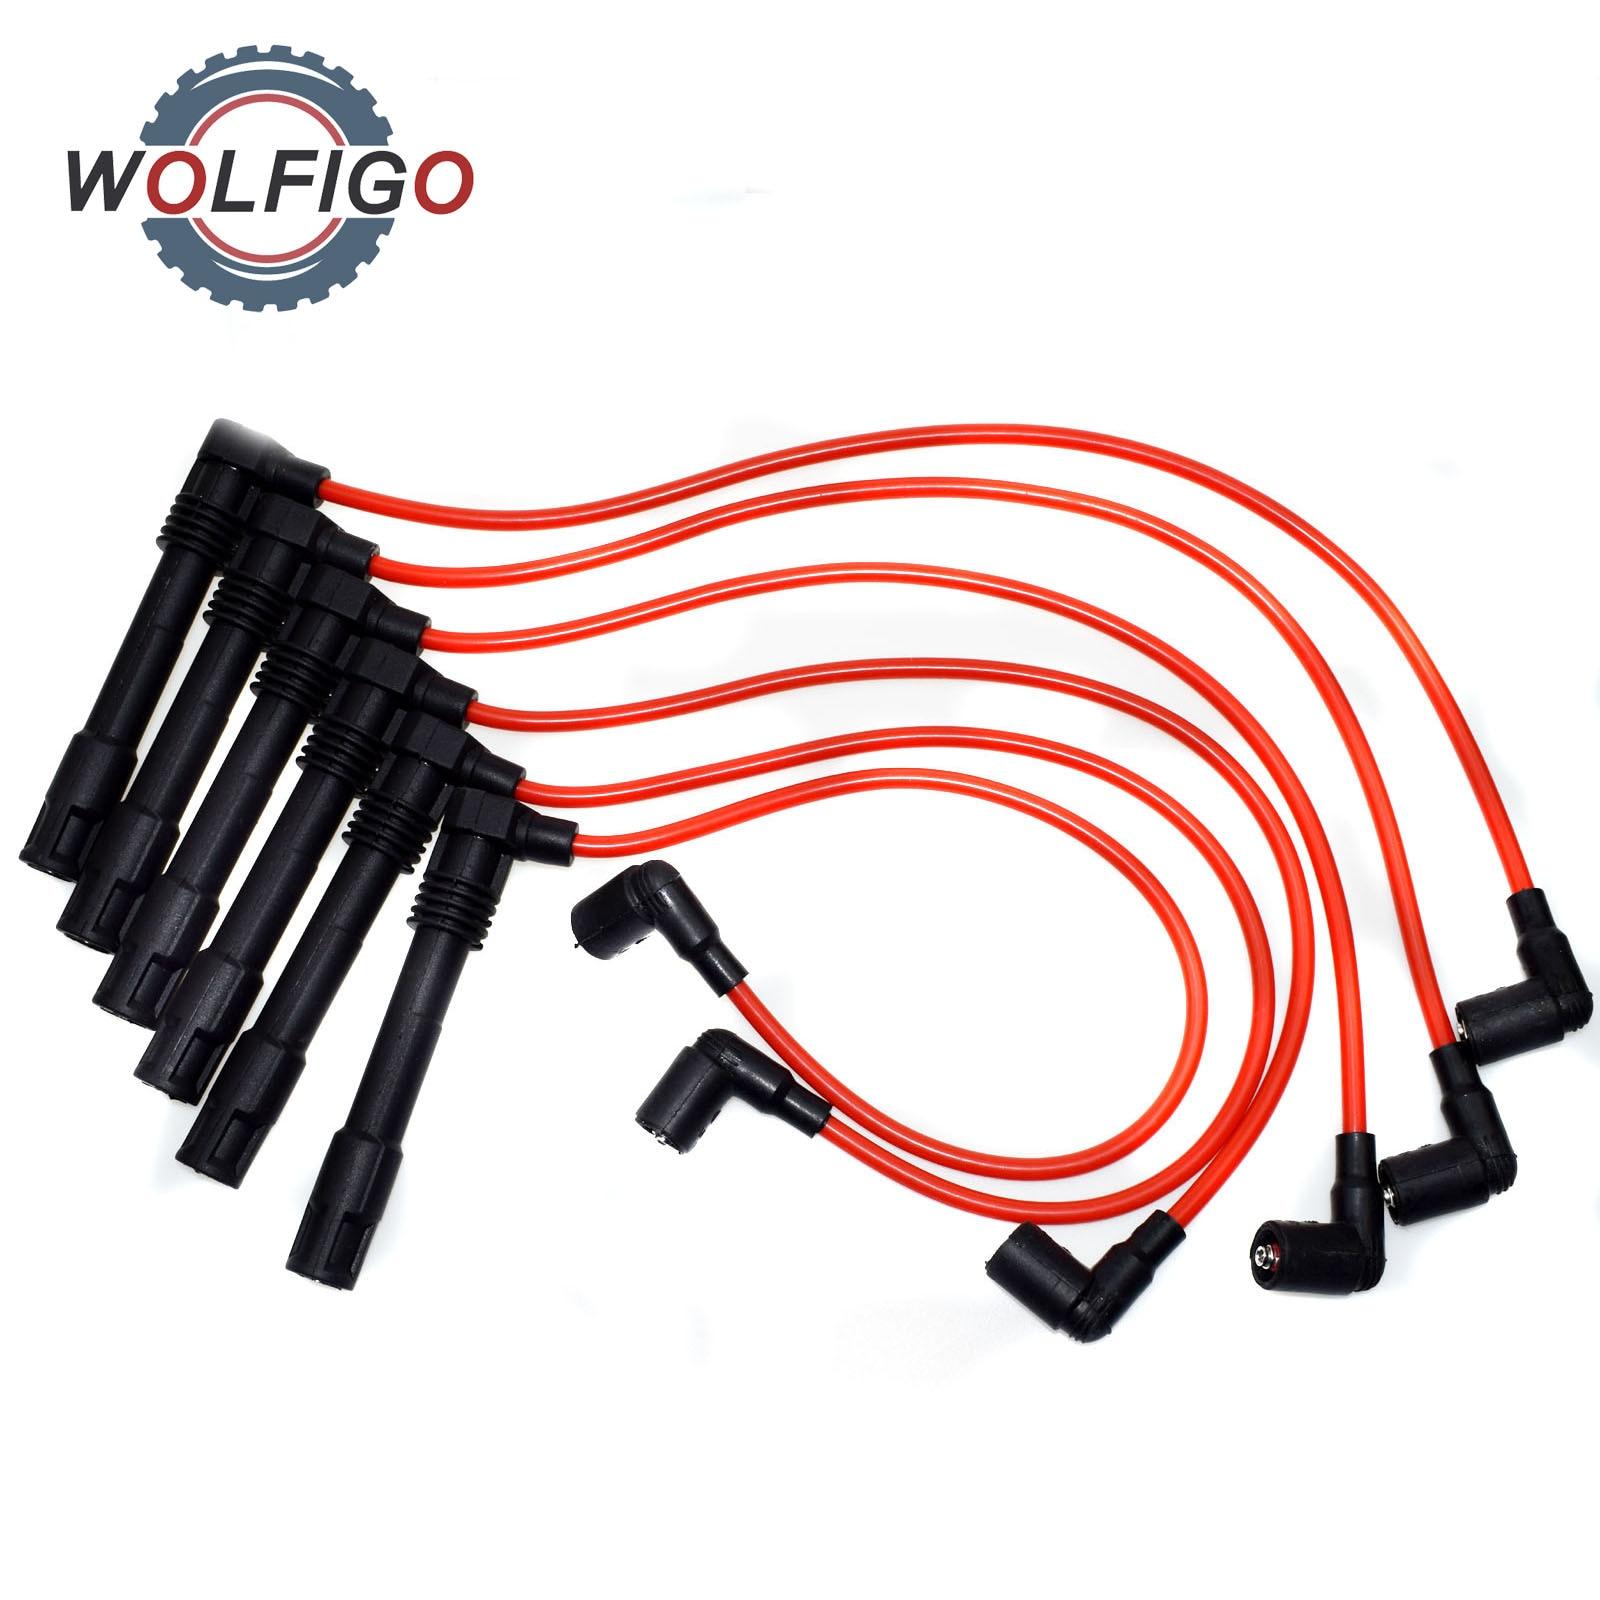 WOLFIGO 6pcs Ignition Spark Plug Wire Cable 7MM 57055 For Audi A4 A6 Quattro VW Passat